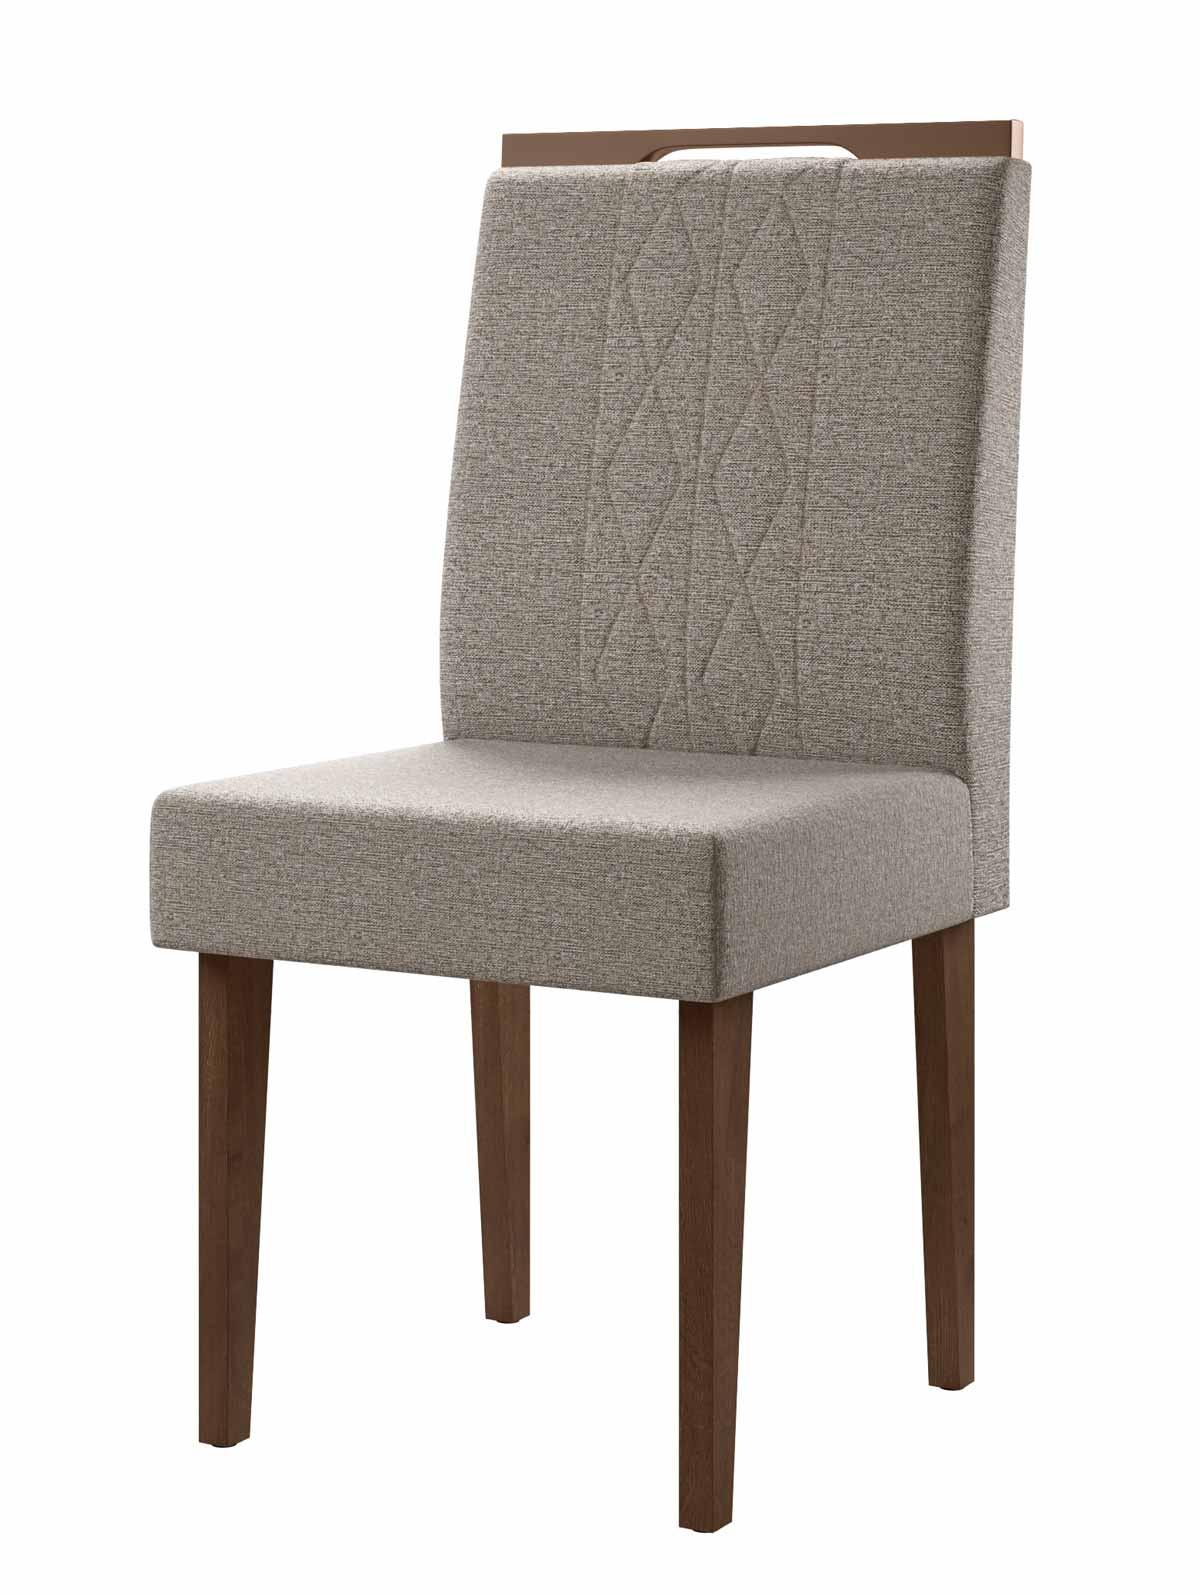 Jogo de 2 Cadeiras Creta Madero Noce com Titânio - Lukaliam Móveis